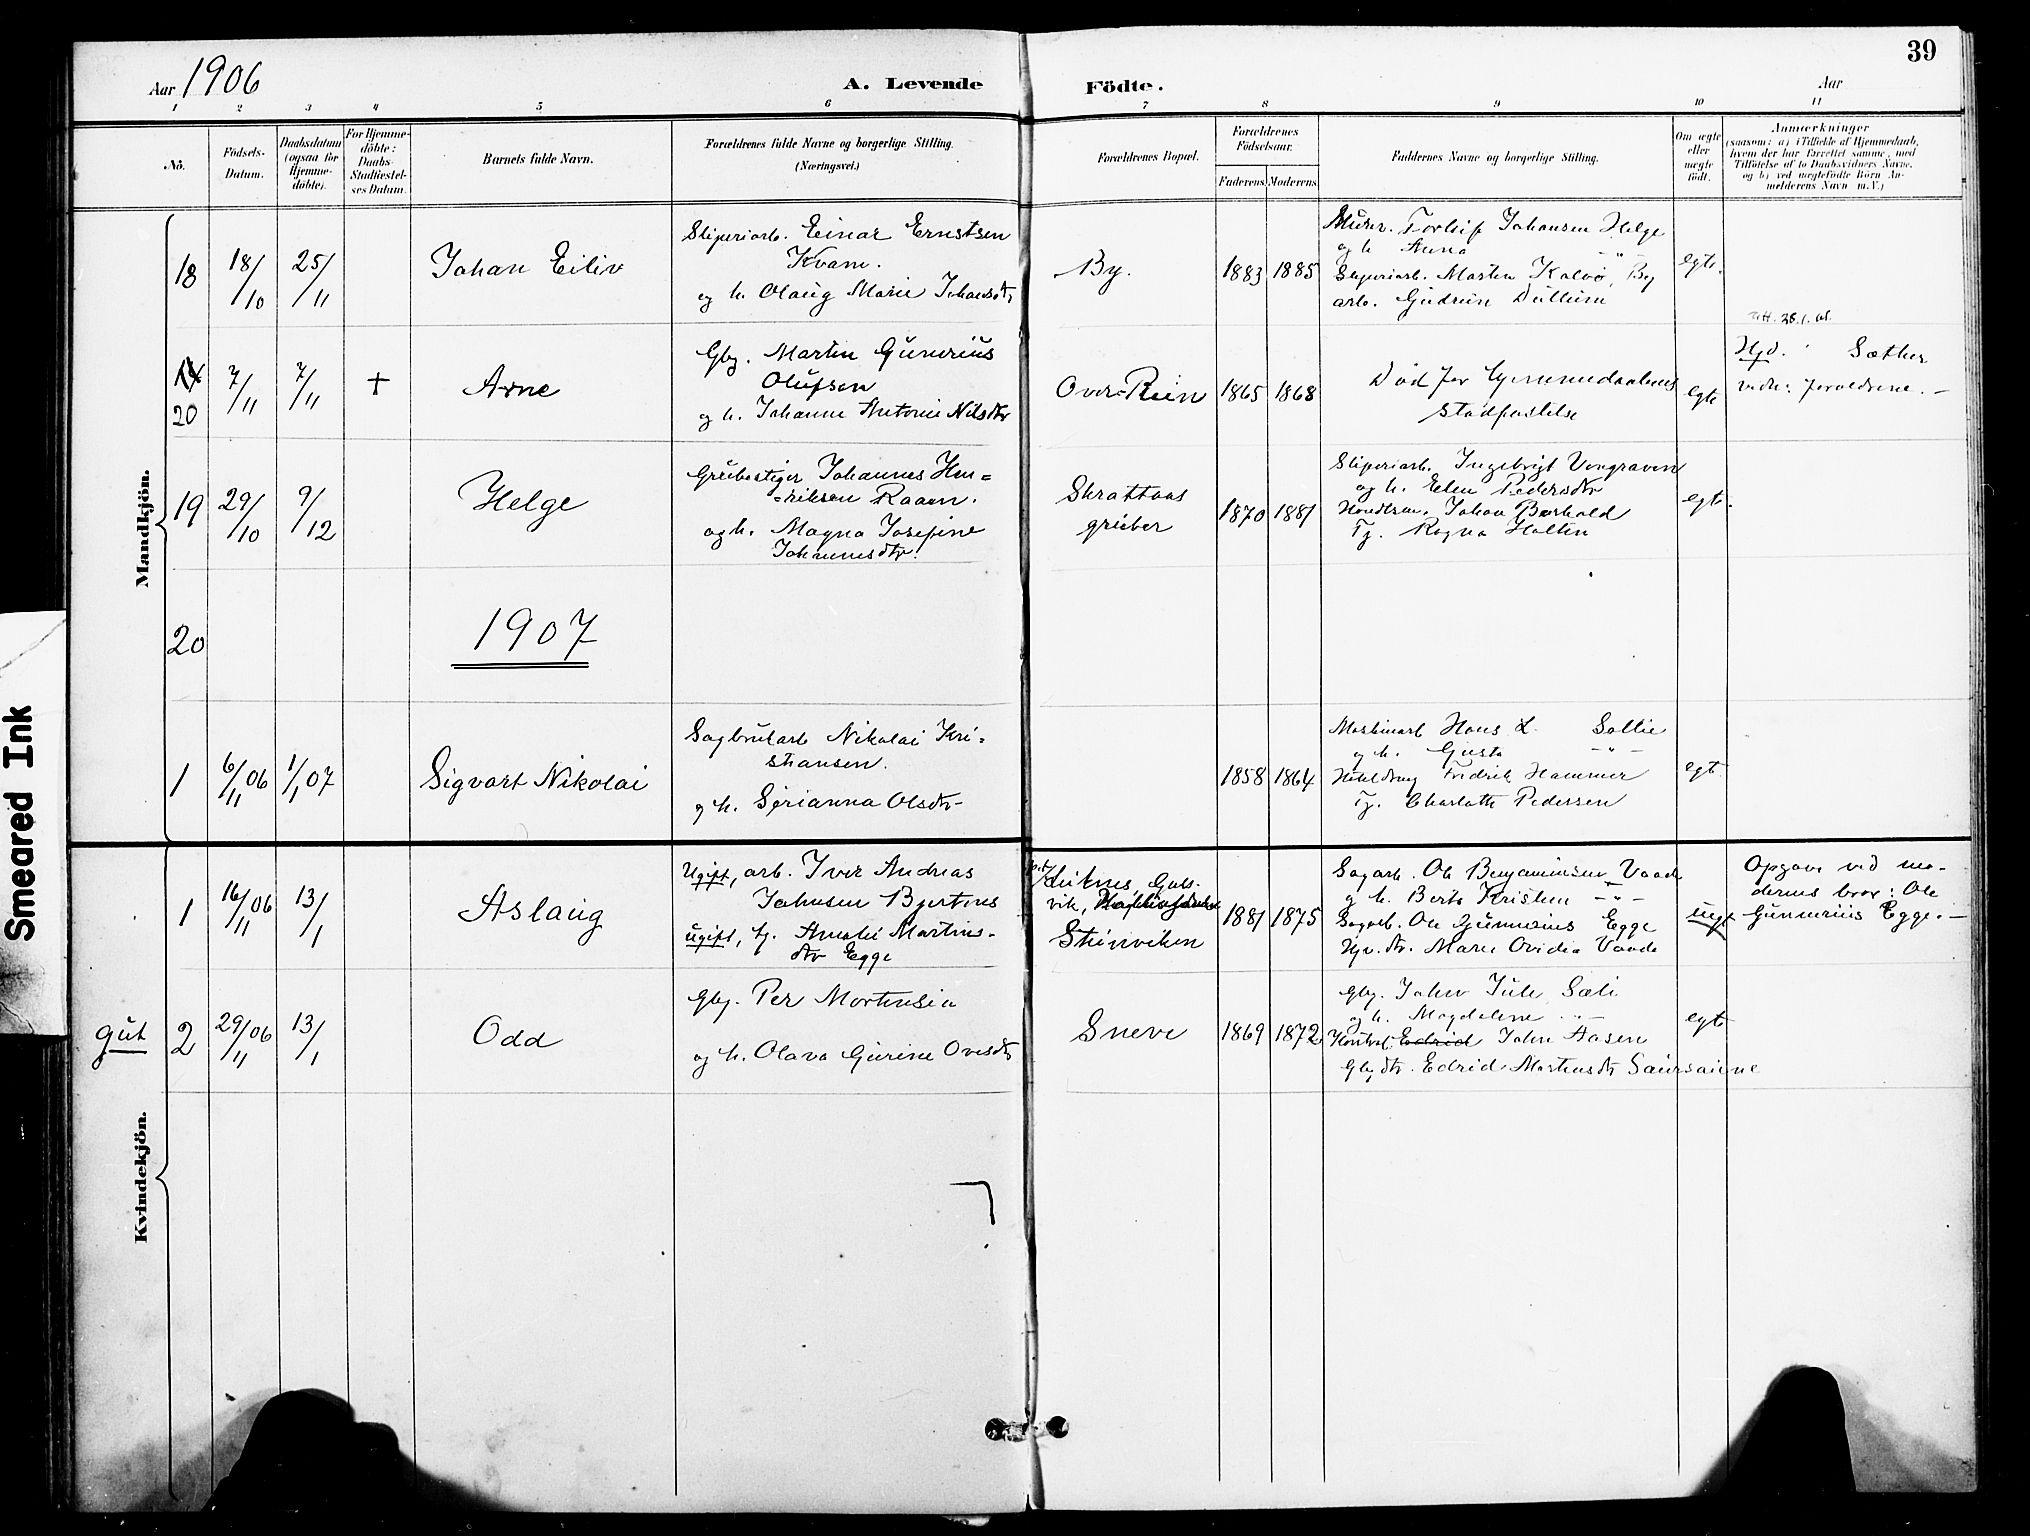 SAT, Ministerialprotokoller, klokkerbøker og fødselsregistre - Nord-Trøndelag, 740/L0379: Ministerialbok nr. 740A02, 1895-1907, s. 39